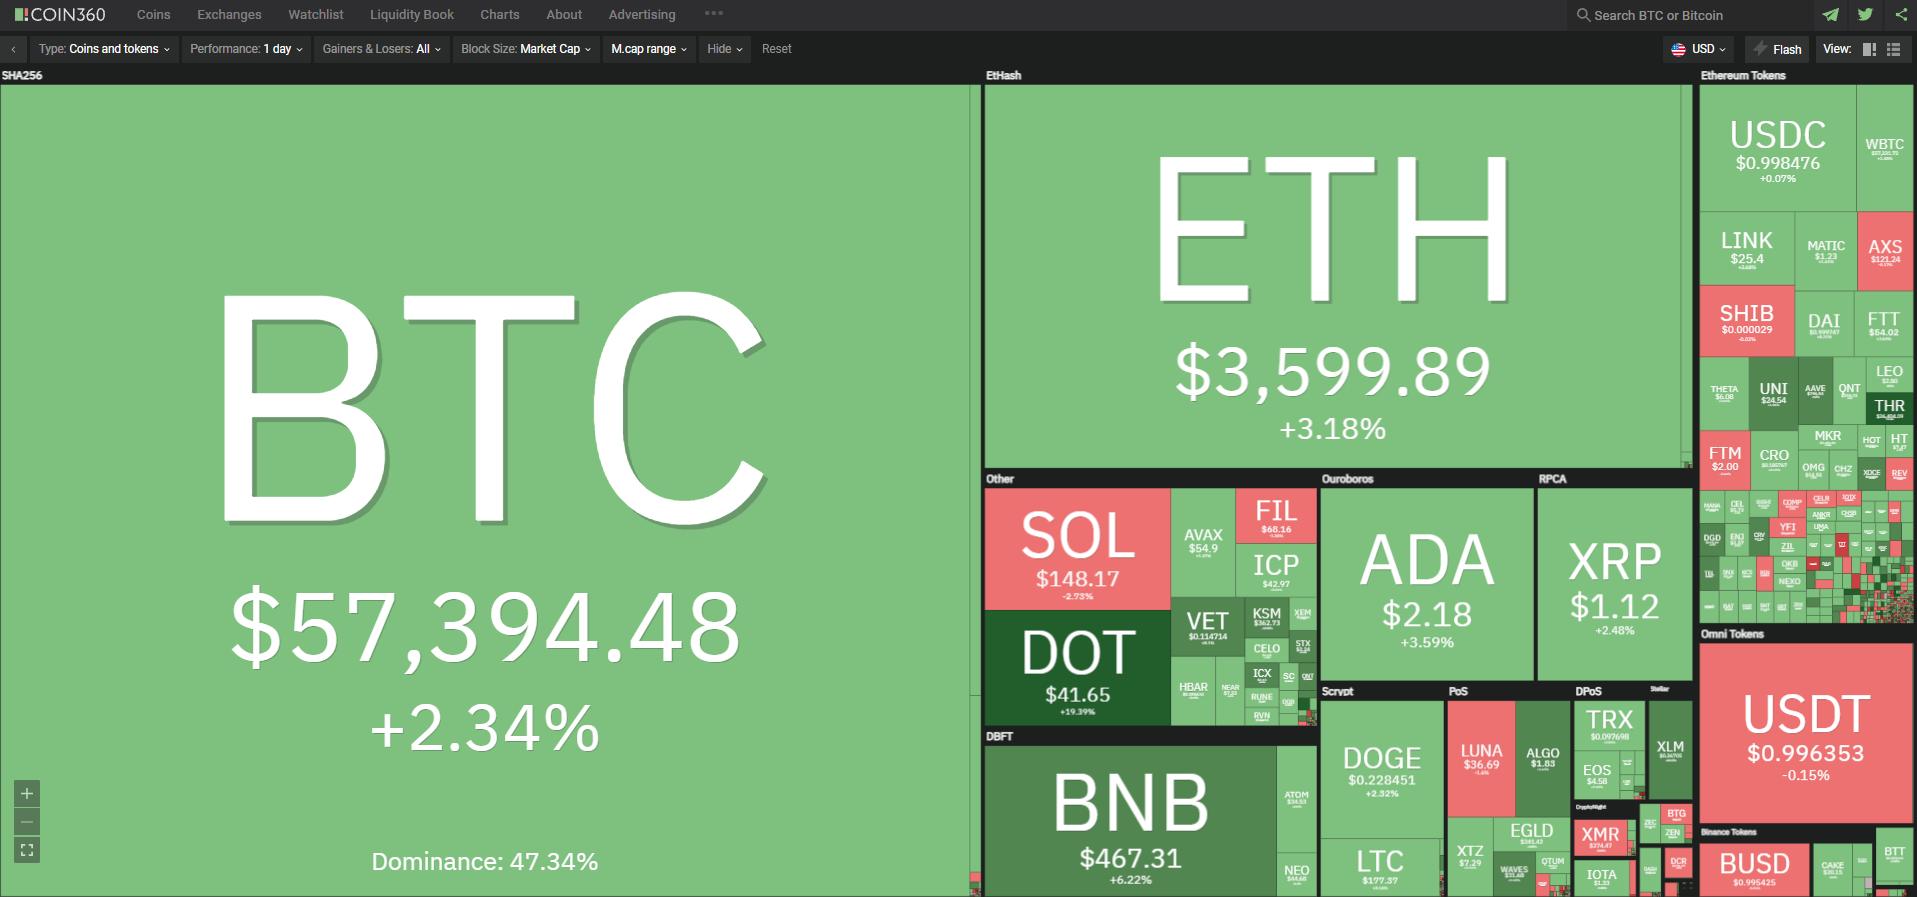 Toàn cảnh thị trường tiền kỹ thuật số hôm nay ngày 14/10/2021. (Nguồn: Coin360.com).